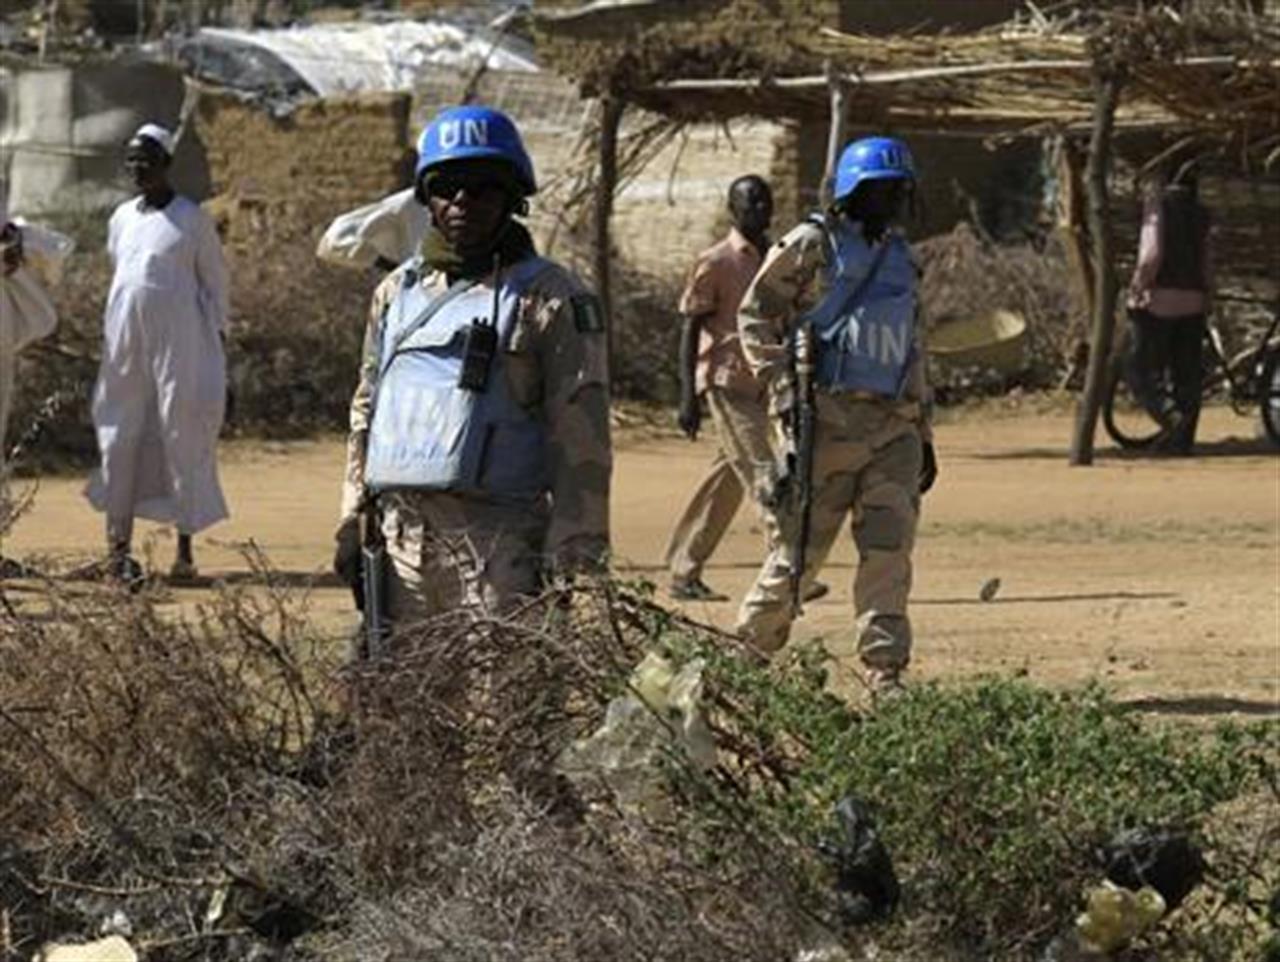 La Consegna Di Bashir Alla Corte Penale Internazionale è Un Contributo Alla Pace In Darfur